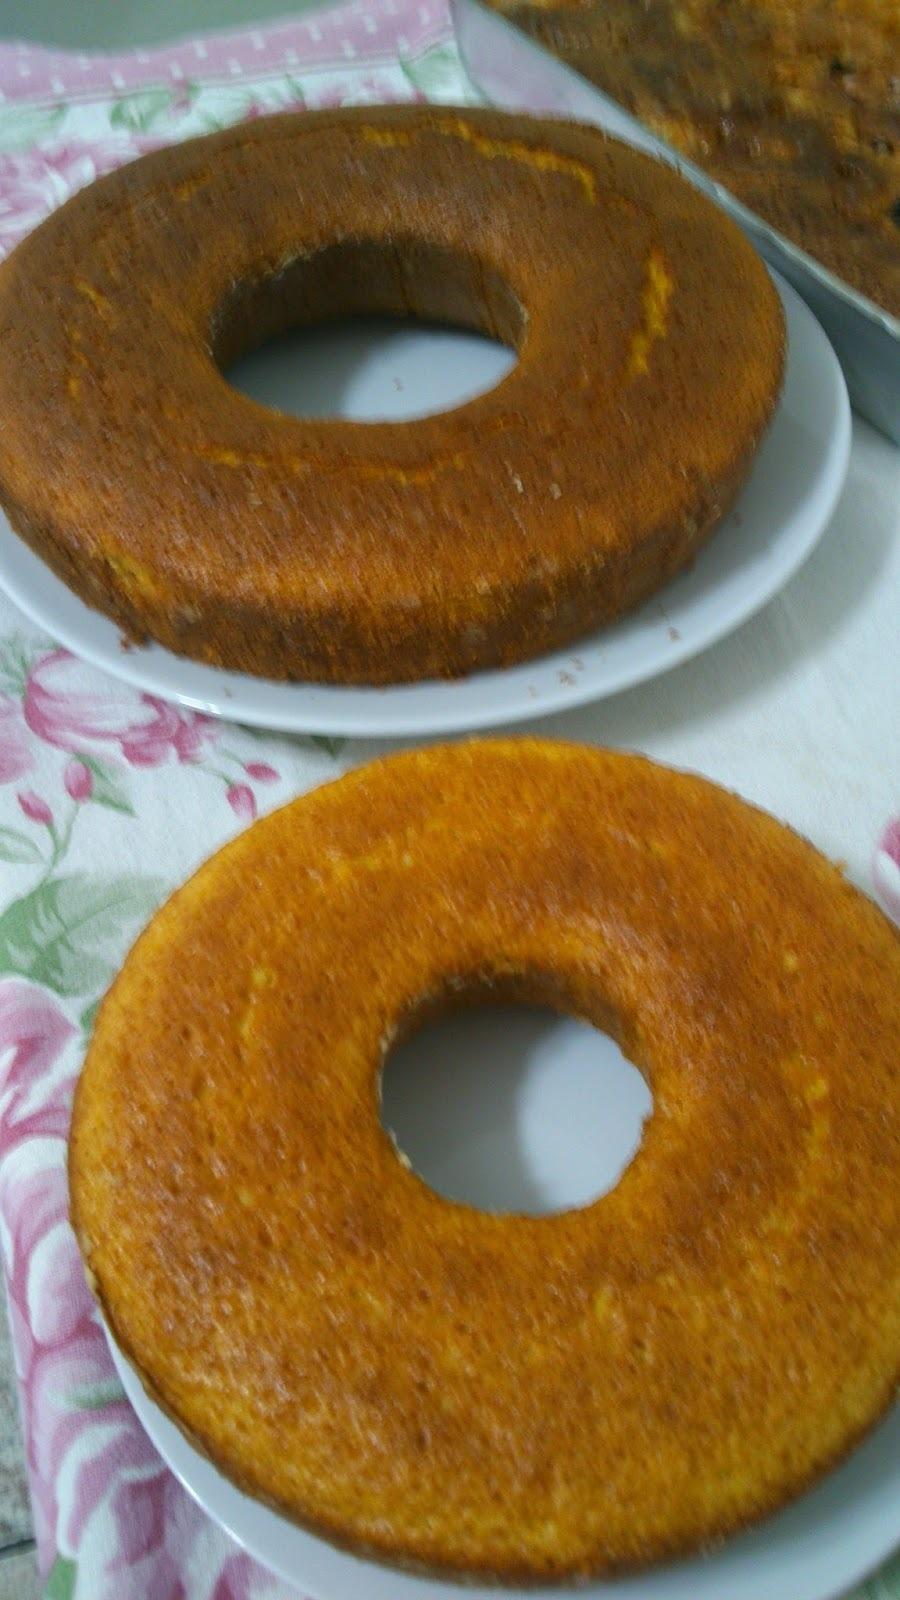 de bolo de mandioca simples sem o coco ralado